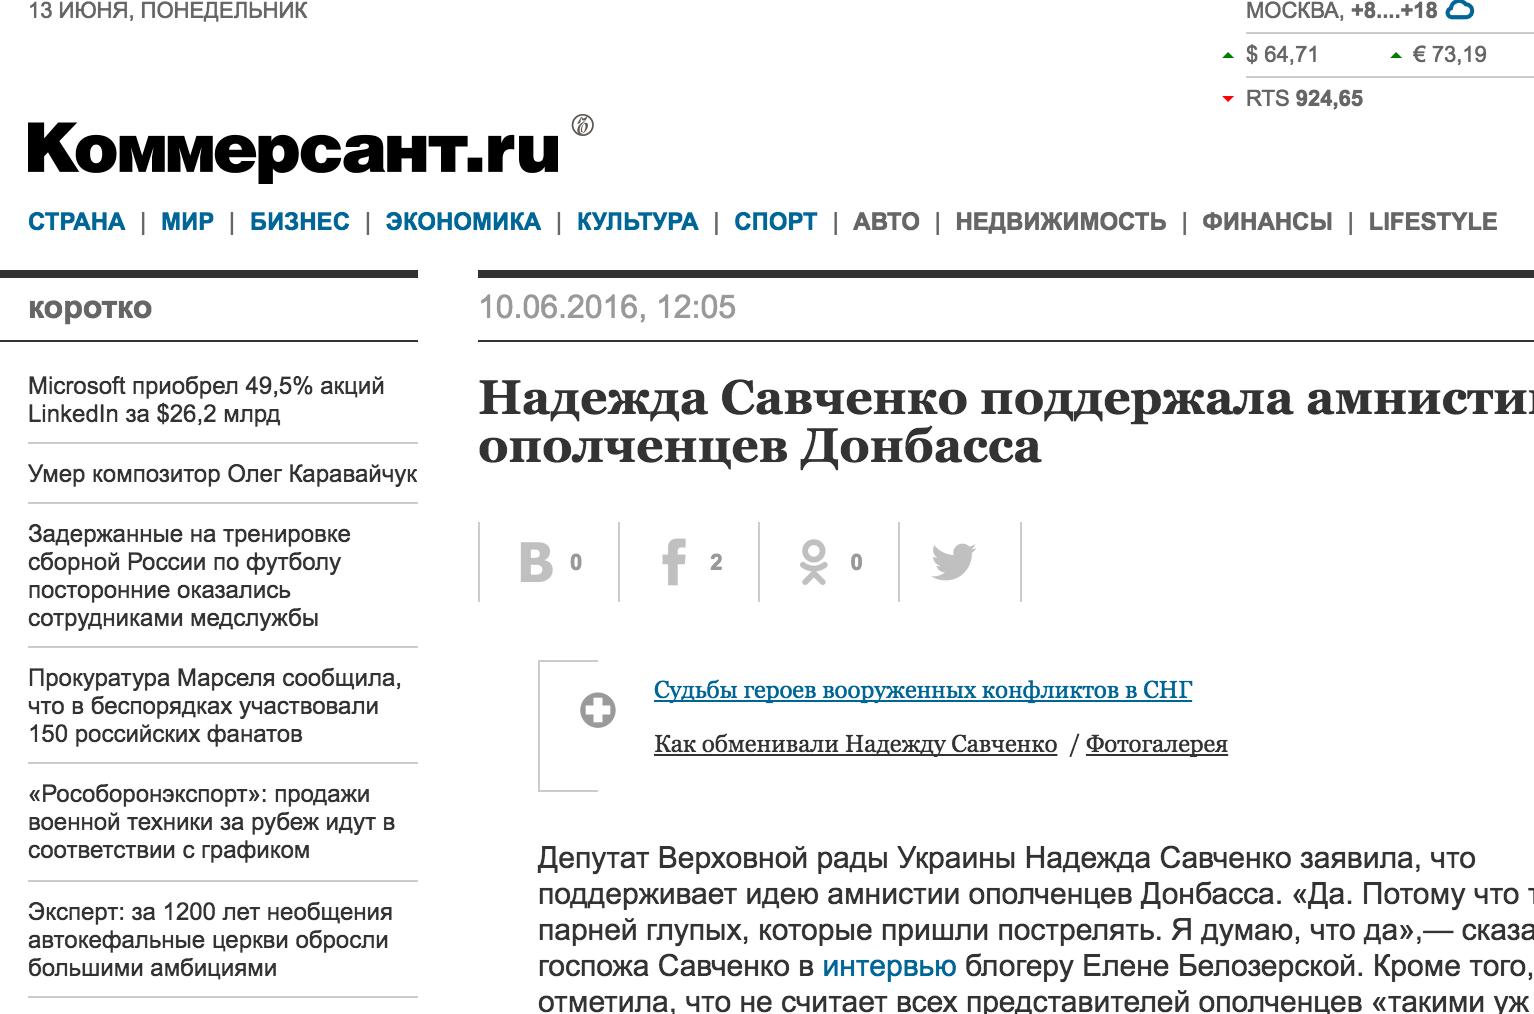 Kommersant: Nadiya Sávchenko apoyó la amnistía para los milicianos de Donbás